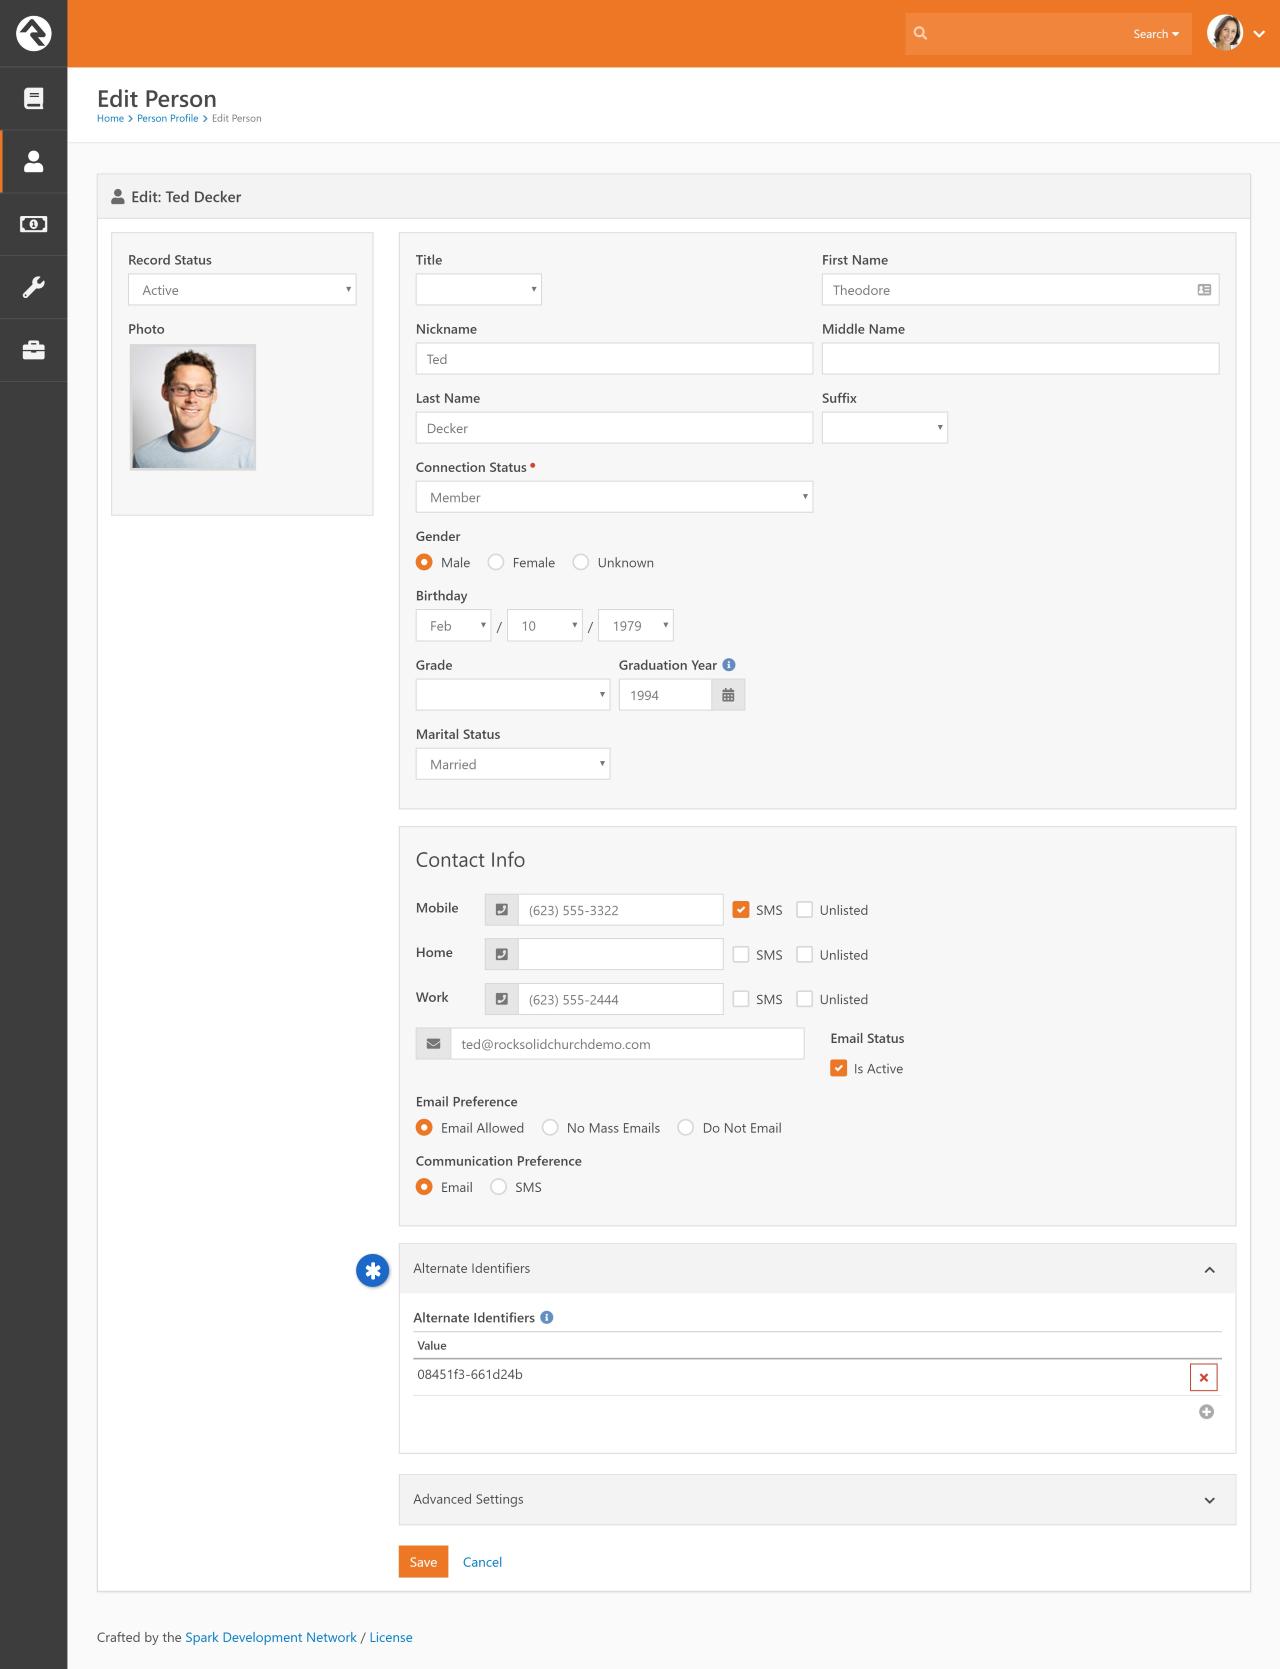 Check-in Identifier Field